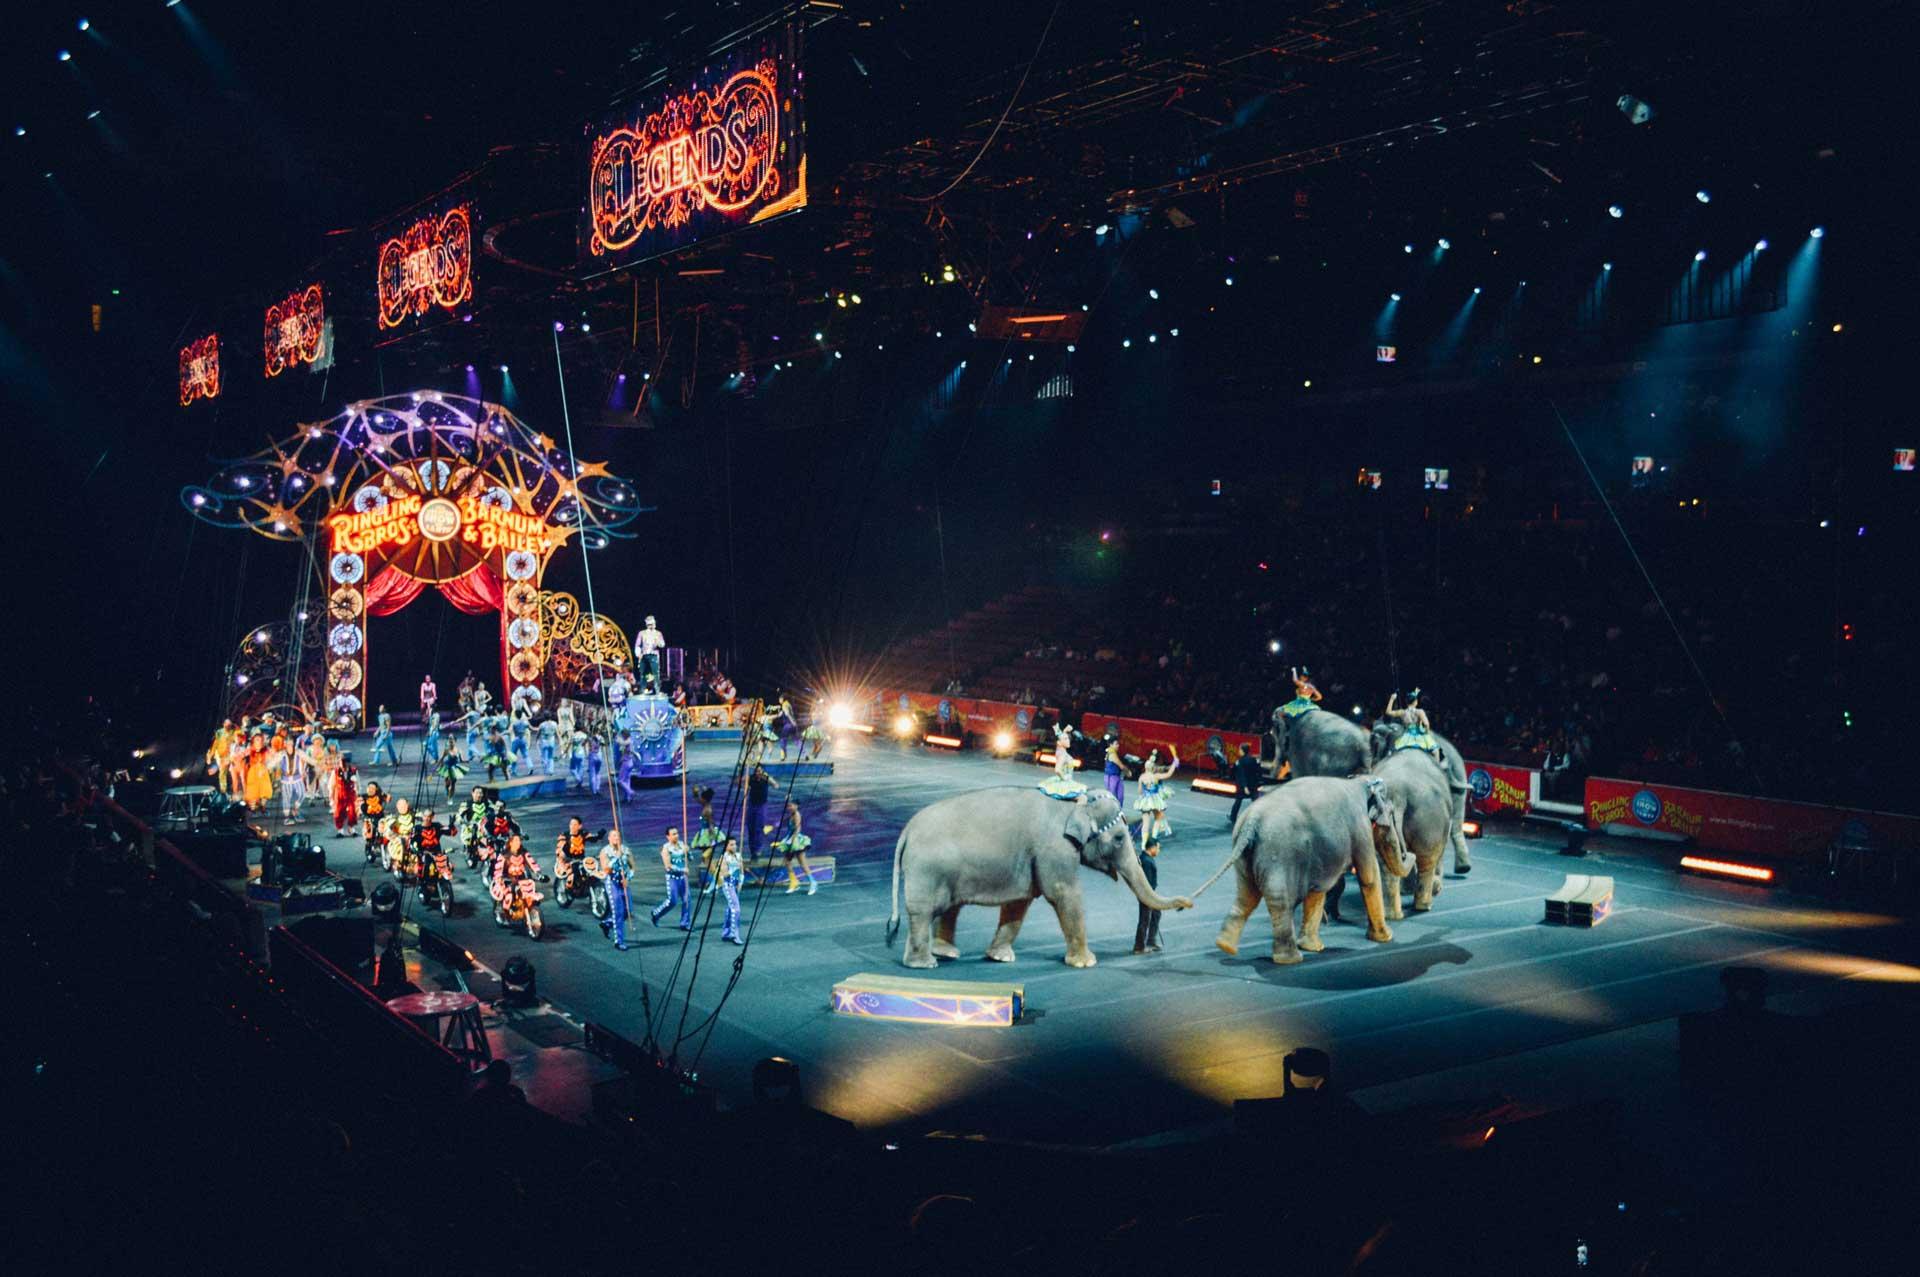 Image du défilé des artistes dans un cirque